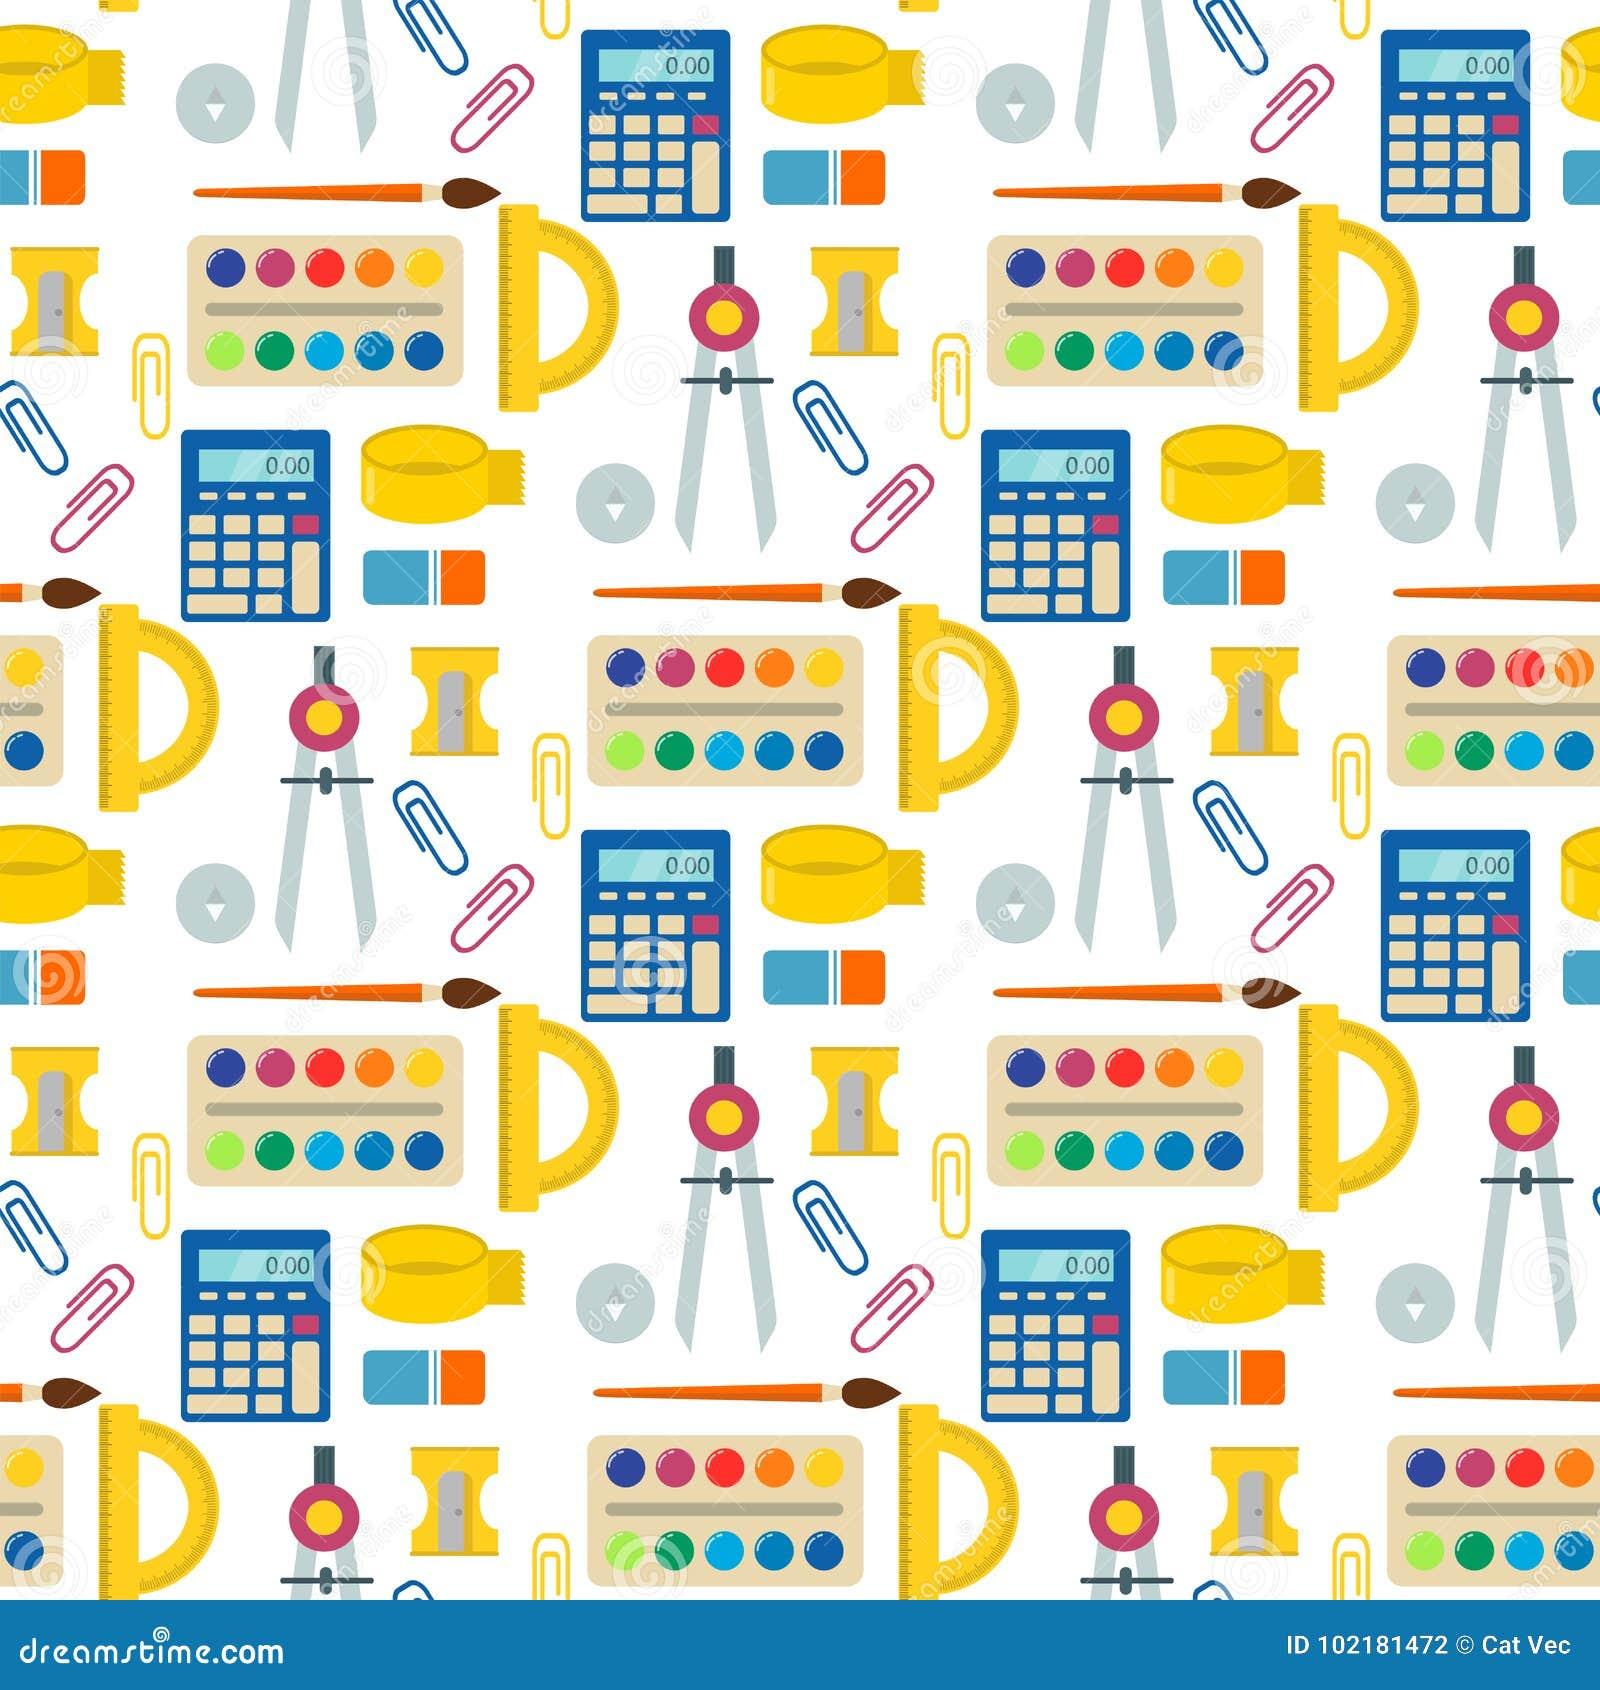 Στάσιμο εκπαιδευτικό βοηθητικό άνευ ραφής διάνυσμα σημειωματάριων σπουδαστών υποβάθρου σχεδίων παιδιών σχολικών προμηθειών